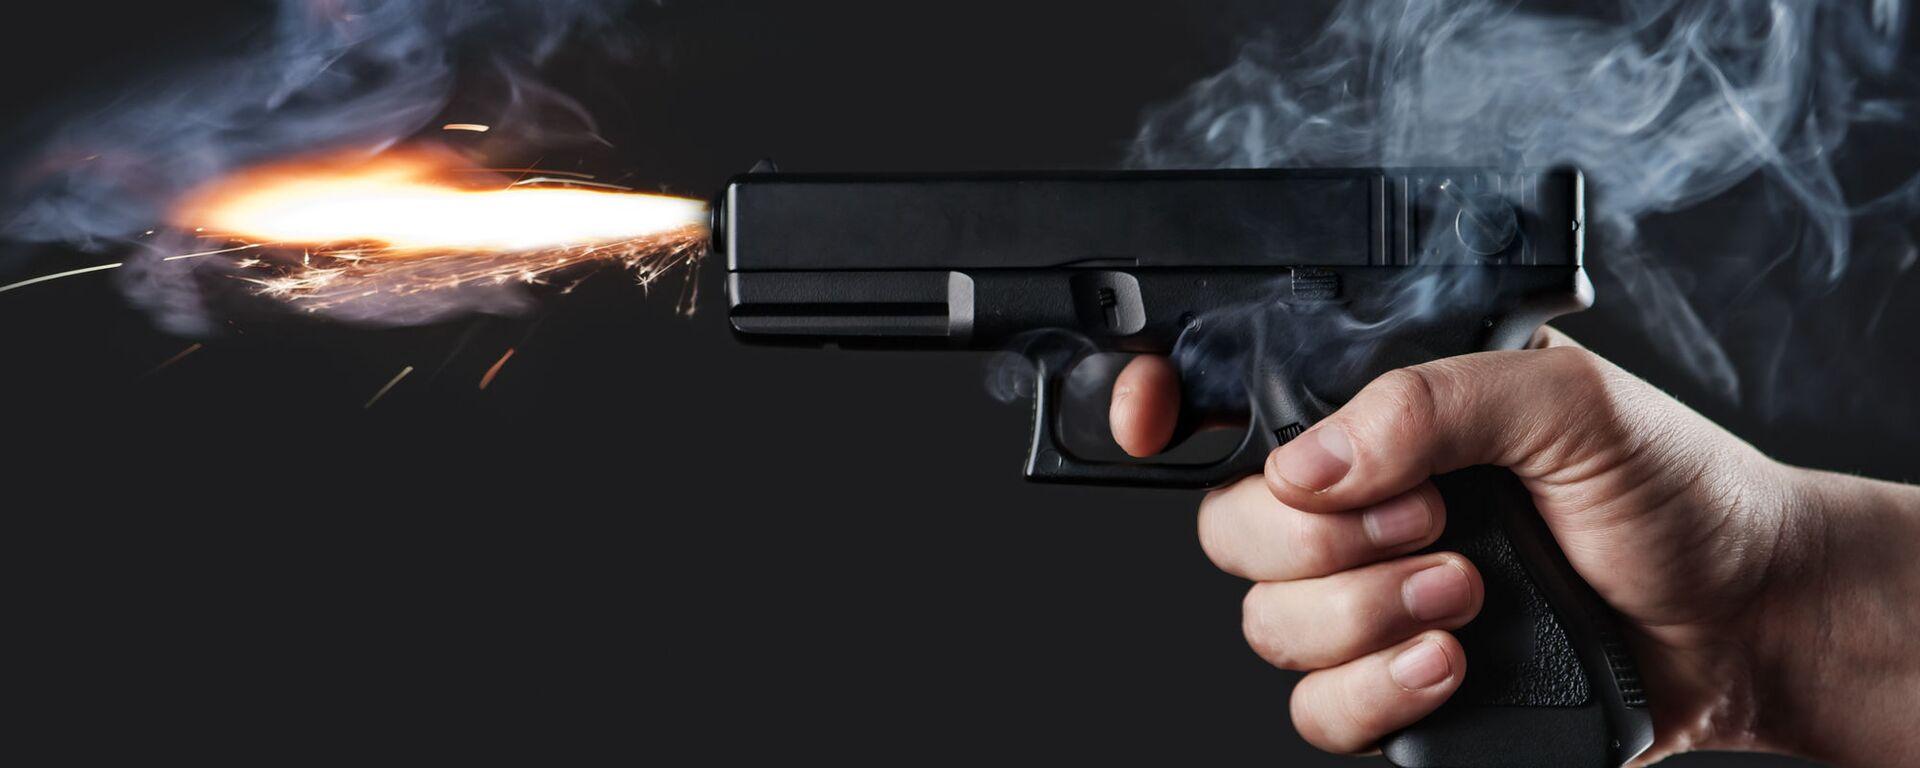 Střelba z pistole - Sputnik Česká republika, 1920, 21.07.2021